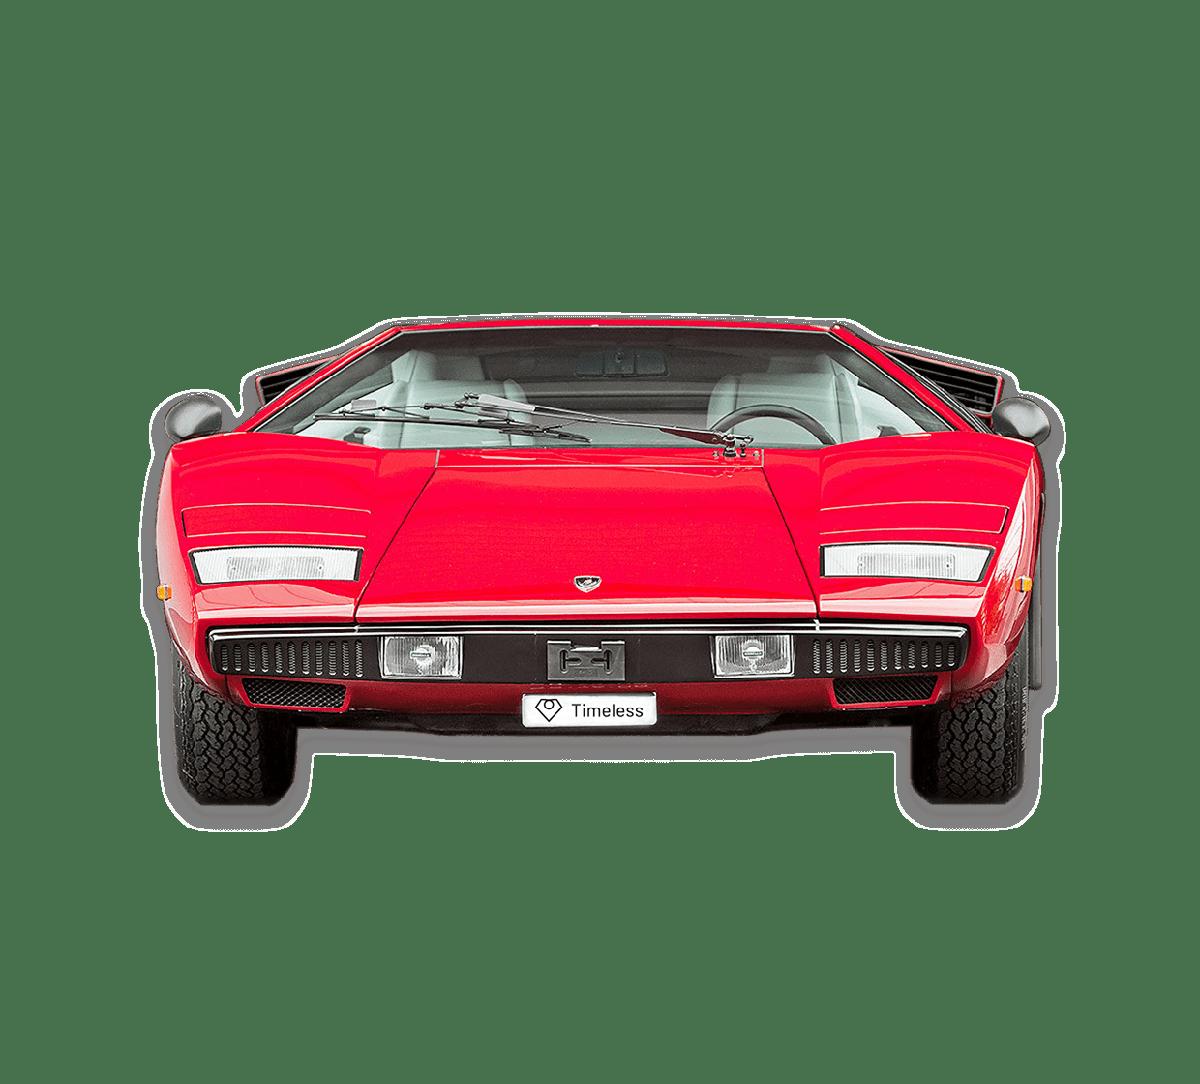 Lamborghini Countach Image